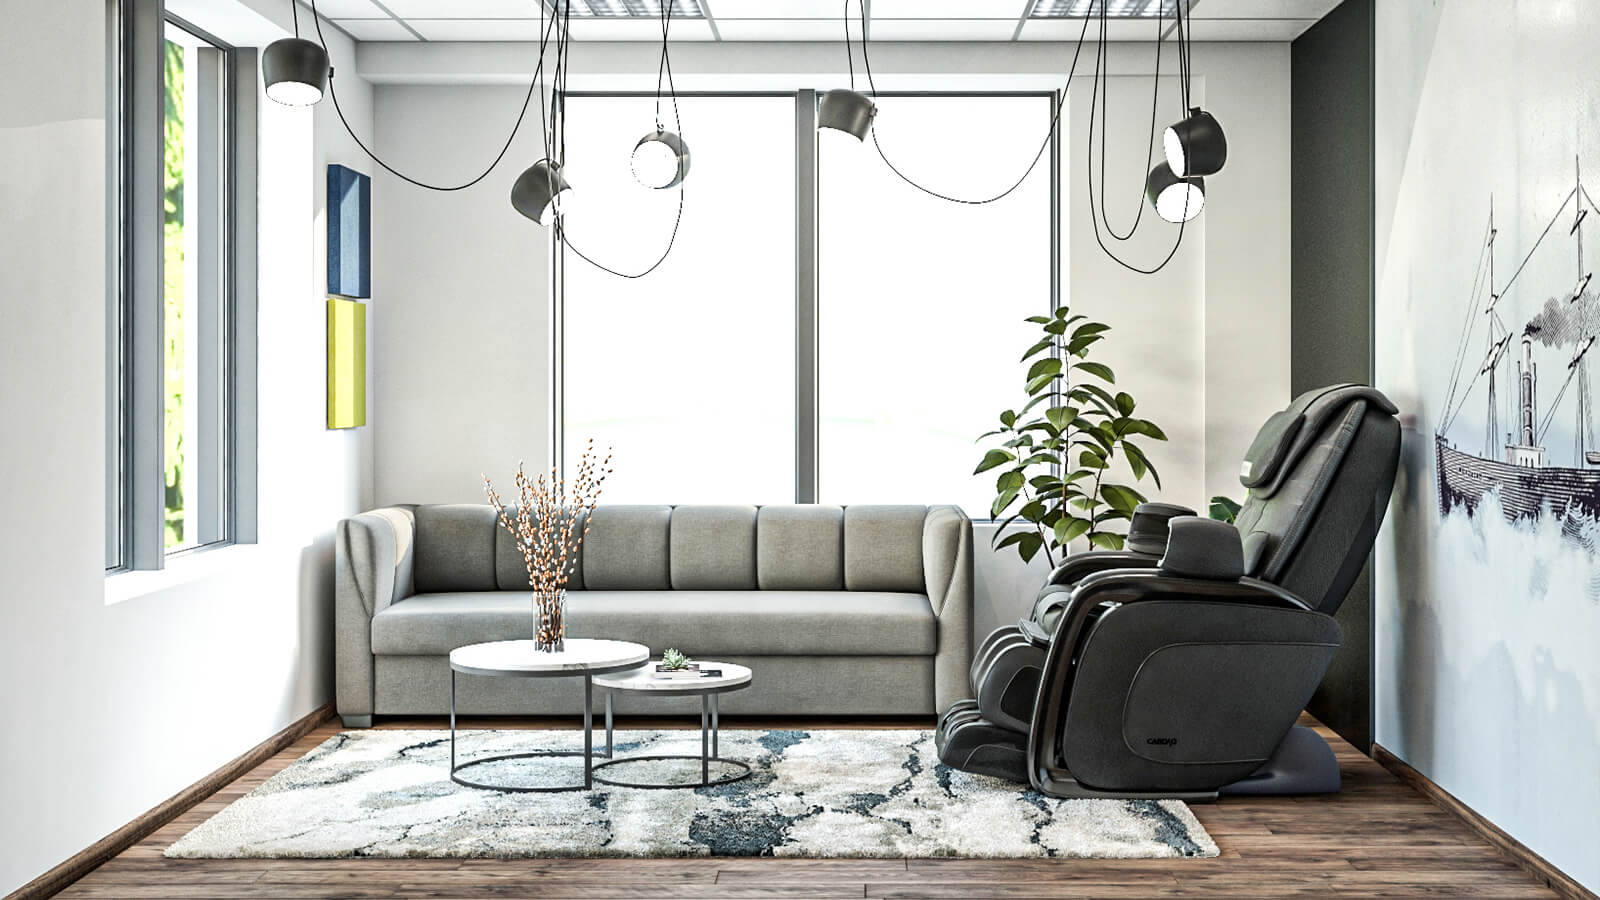 interioren-dizain-proekt-na-ofis-relax-zona-proekt-RSI